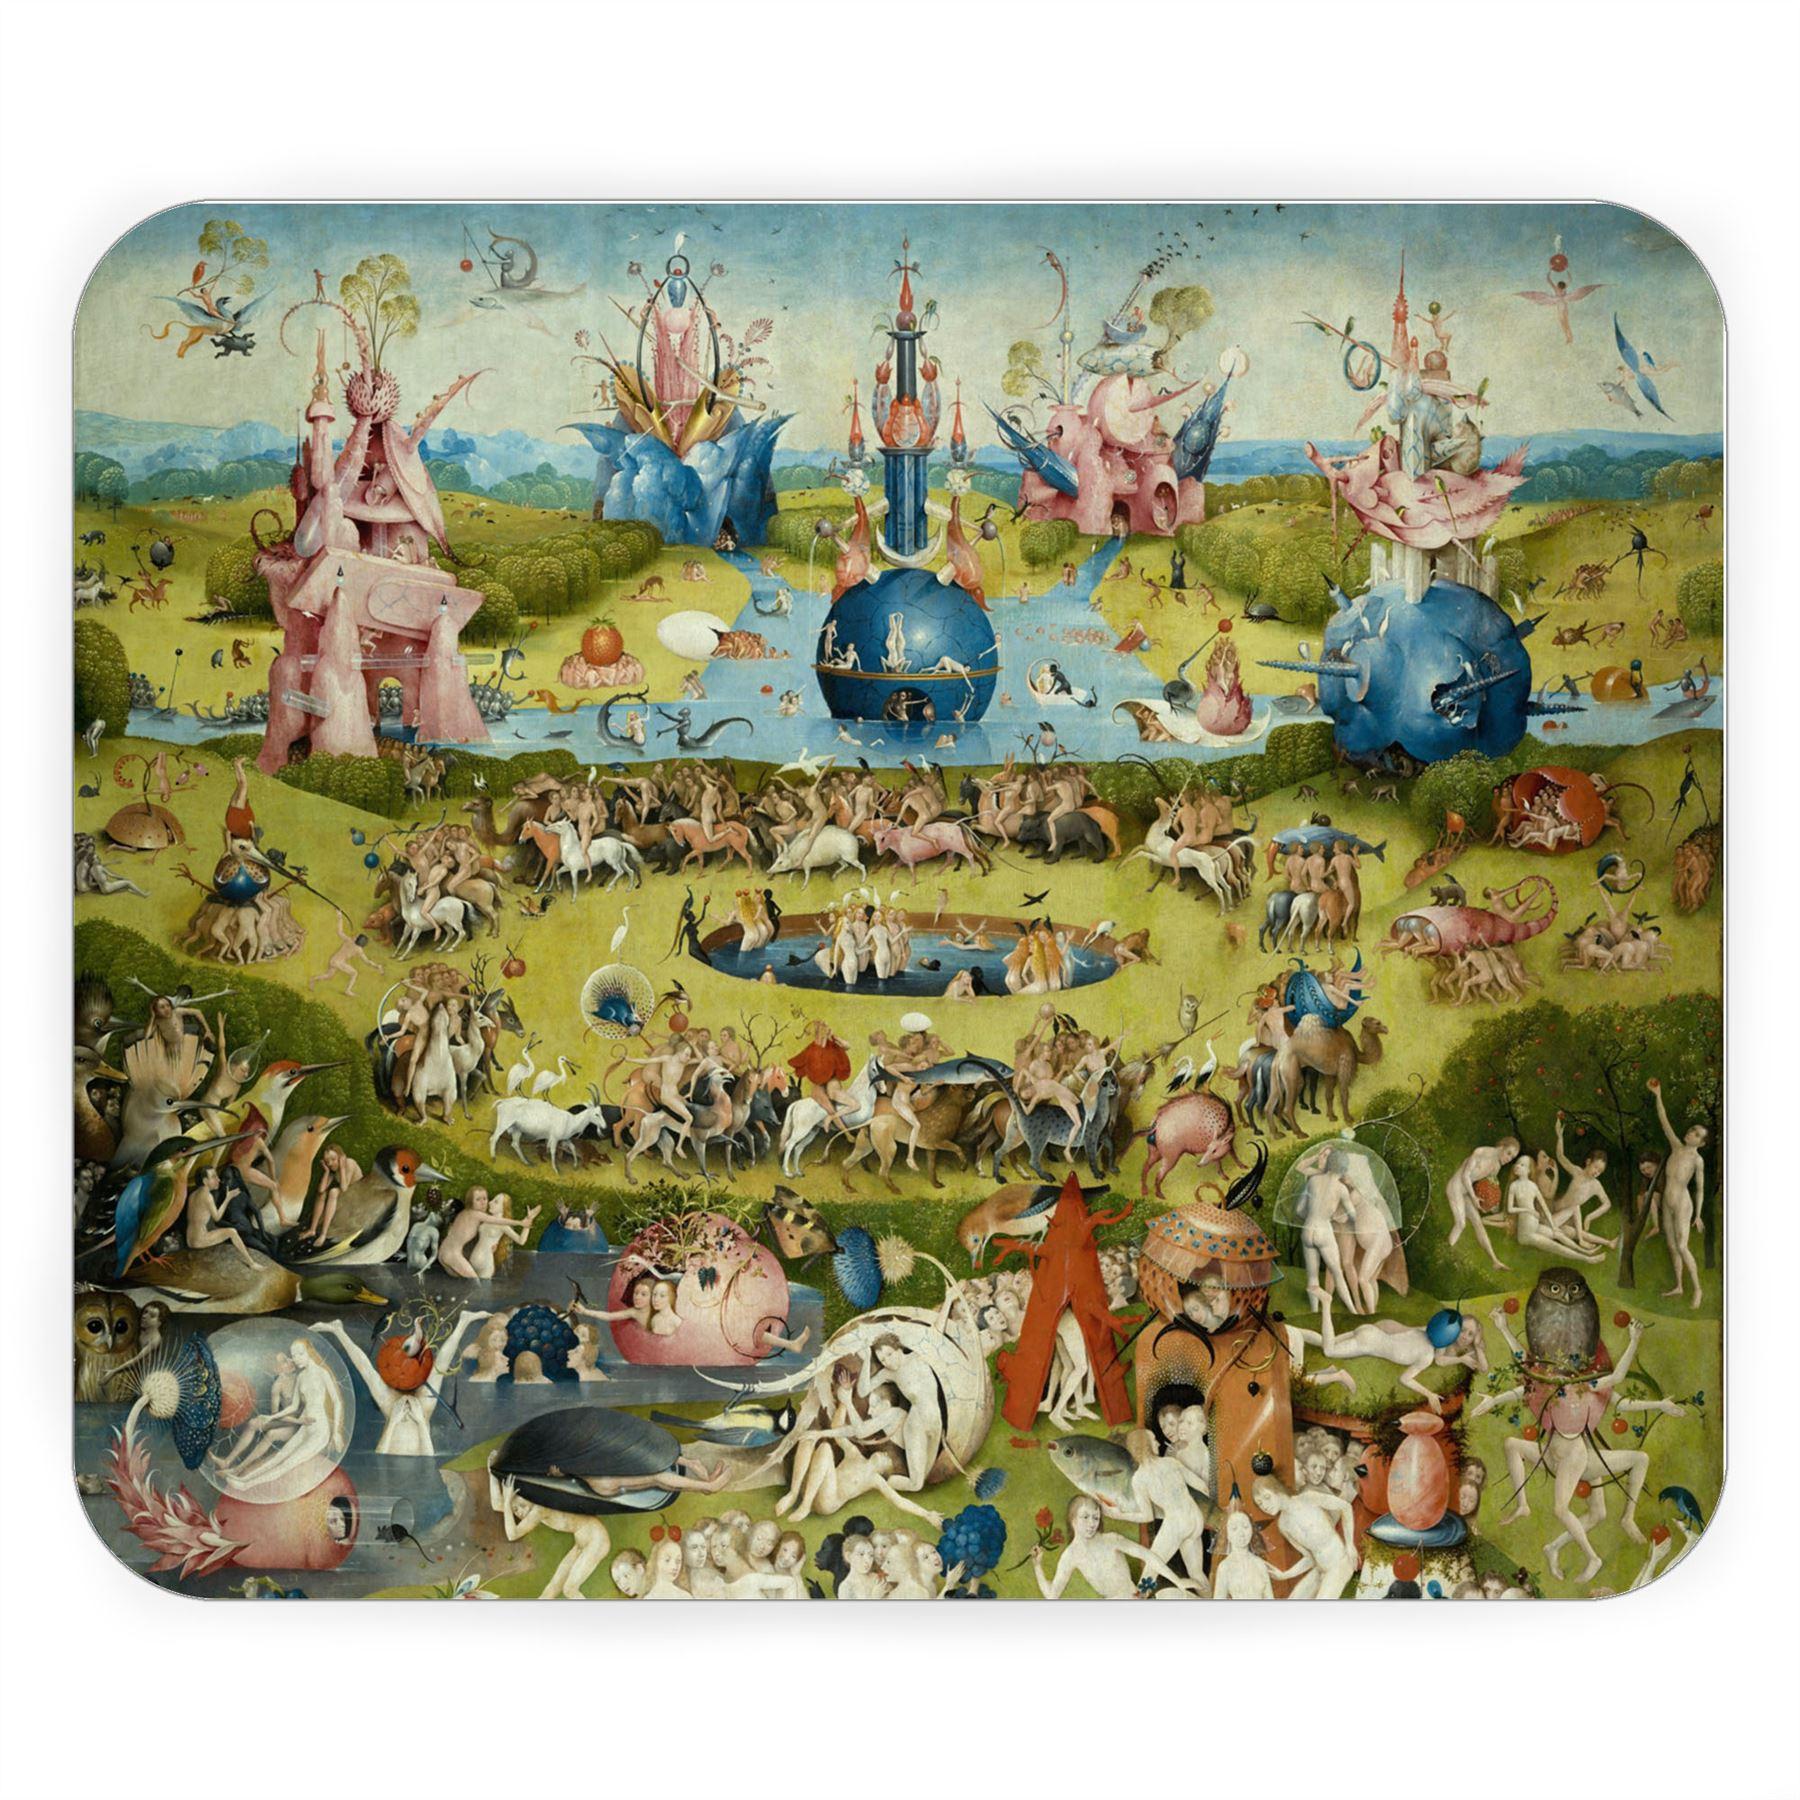 Tapis de Souris Jerome Bosch Le Jardin des Delices Peinture Art Sacre | eBay